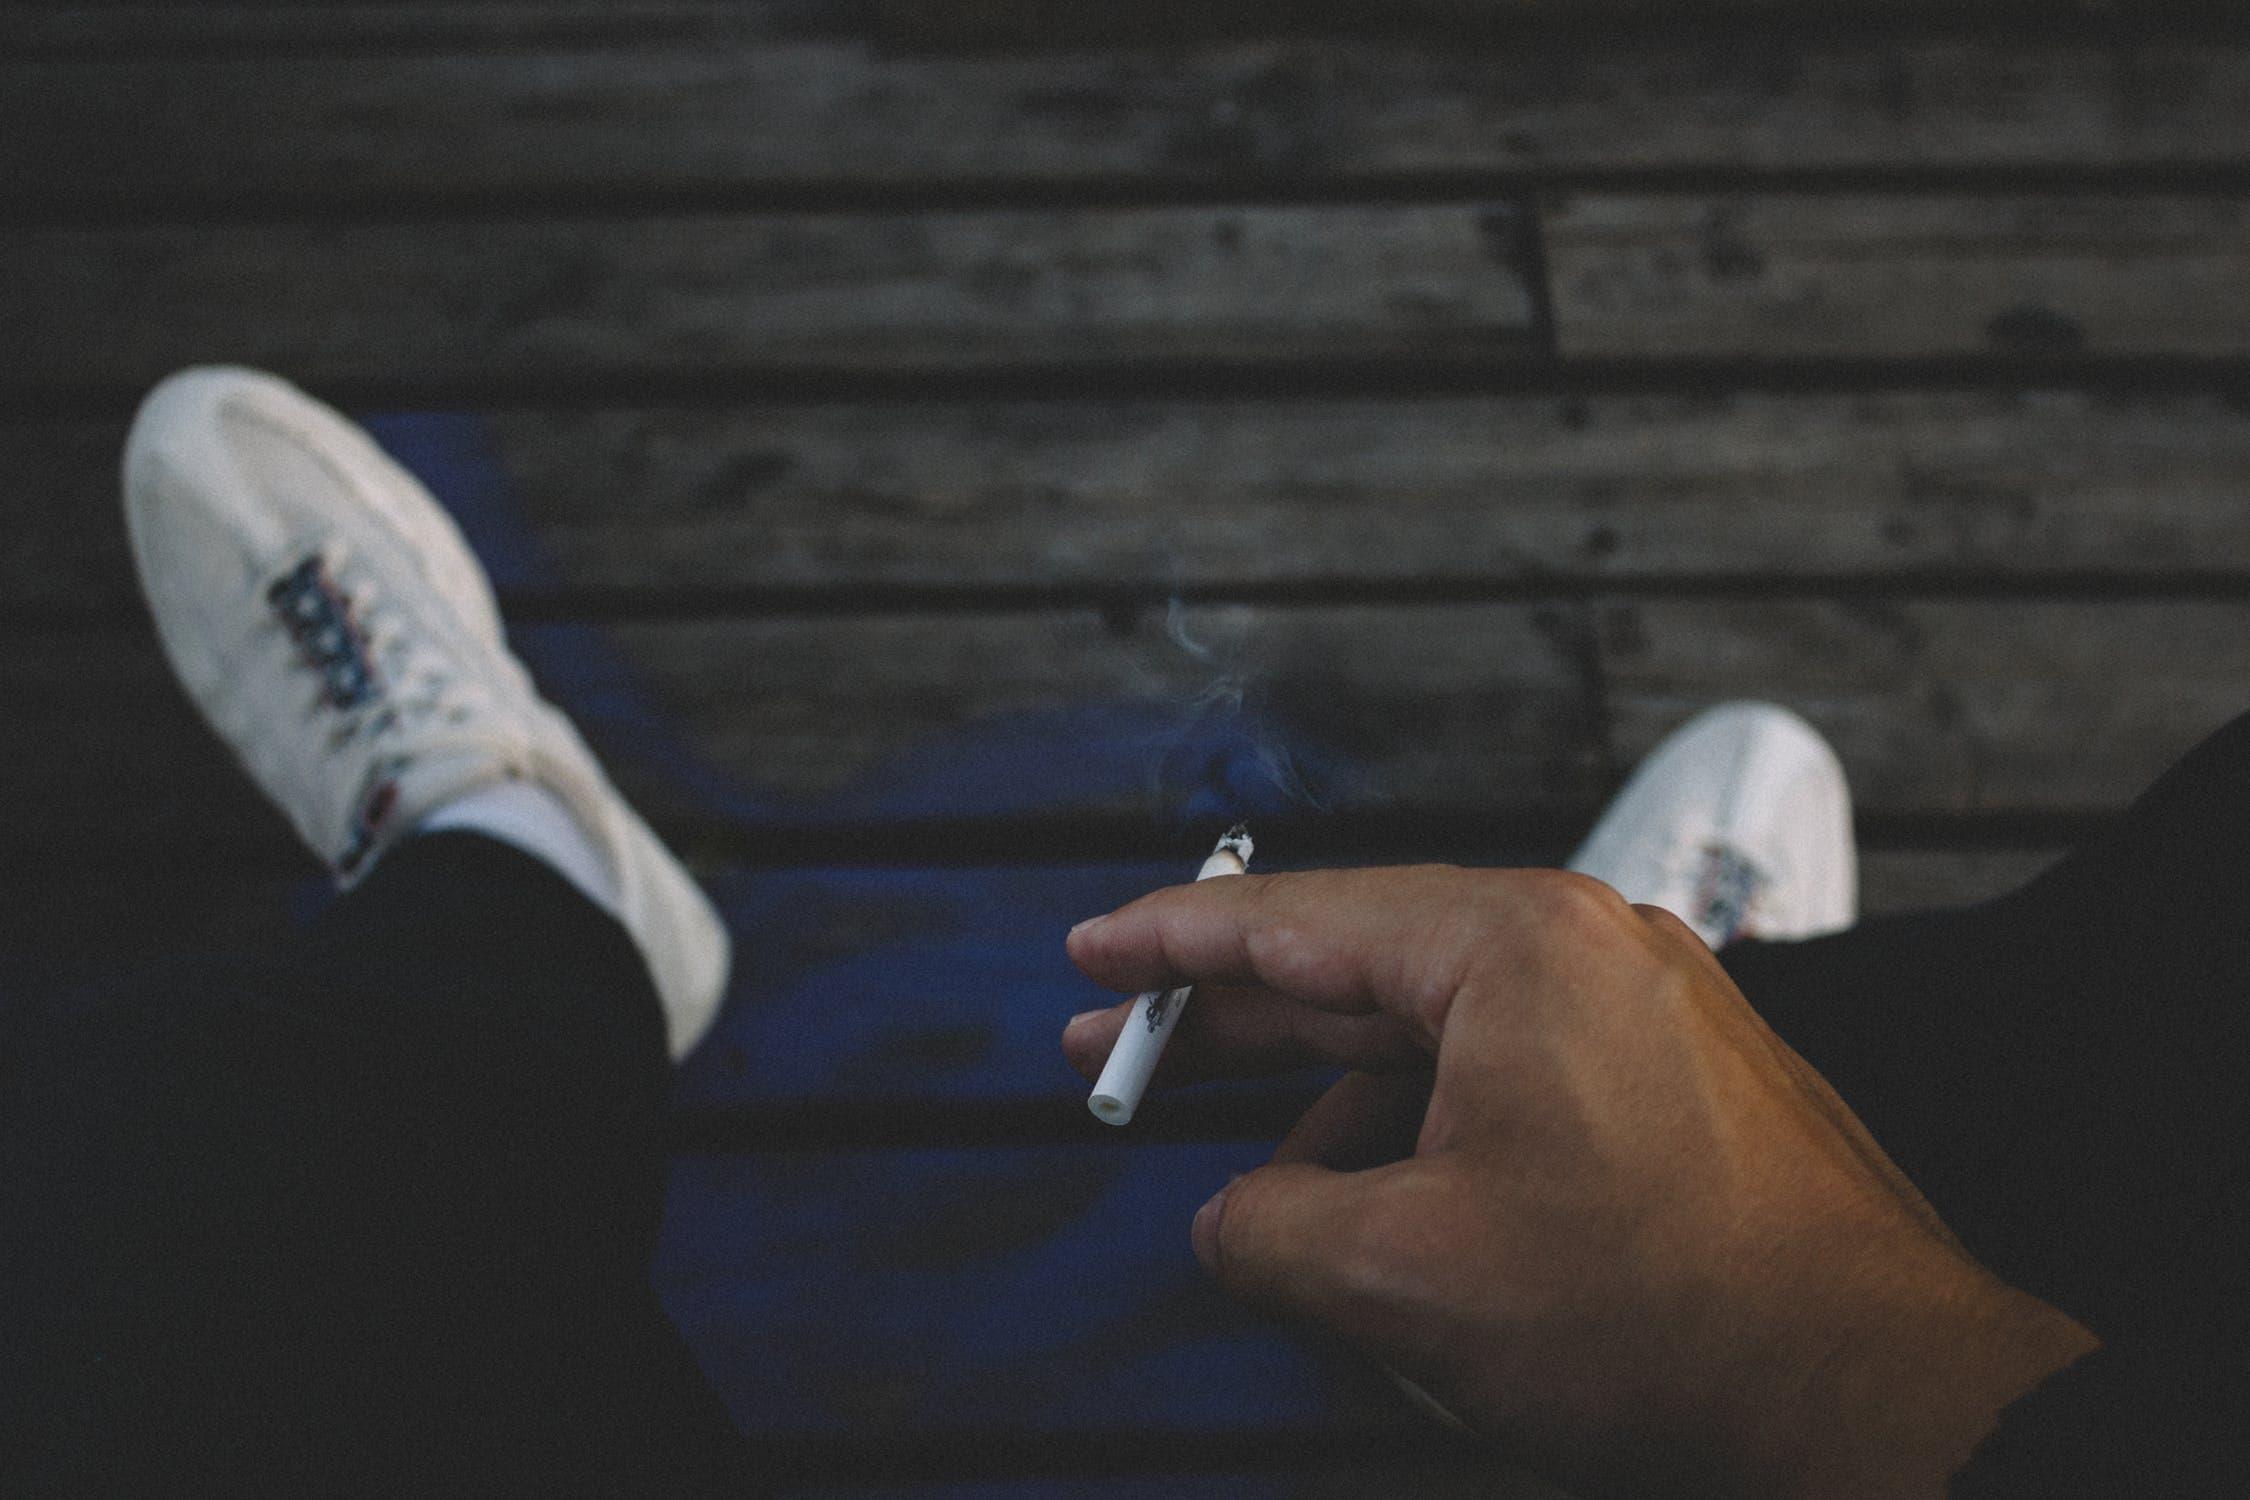 taking up smoking